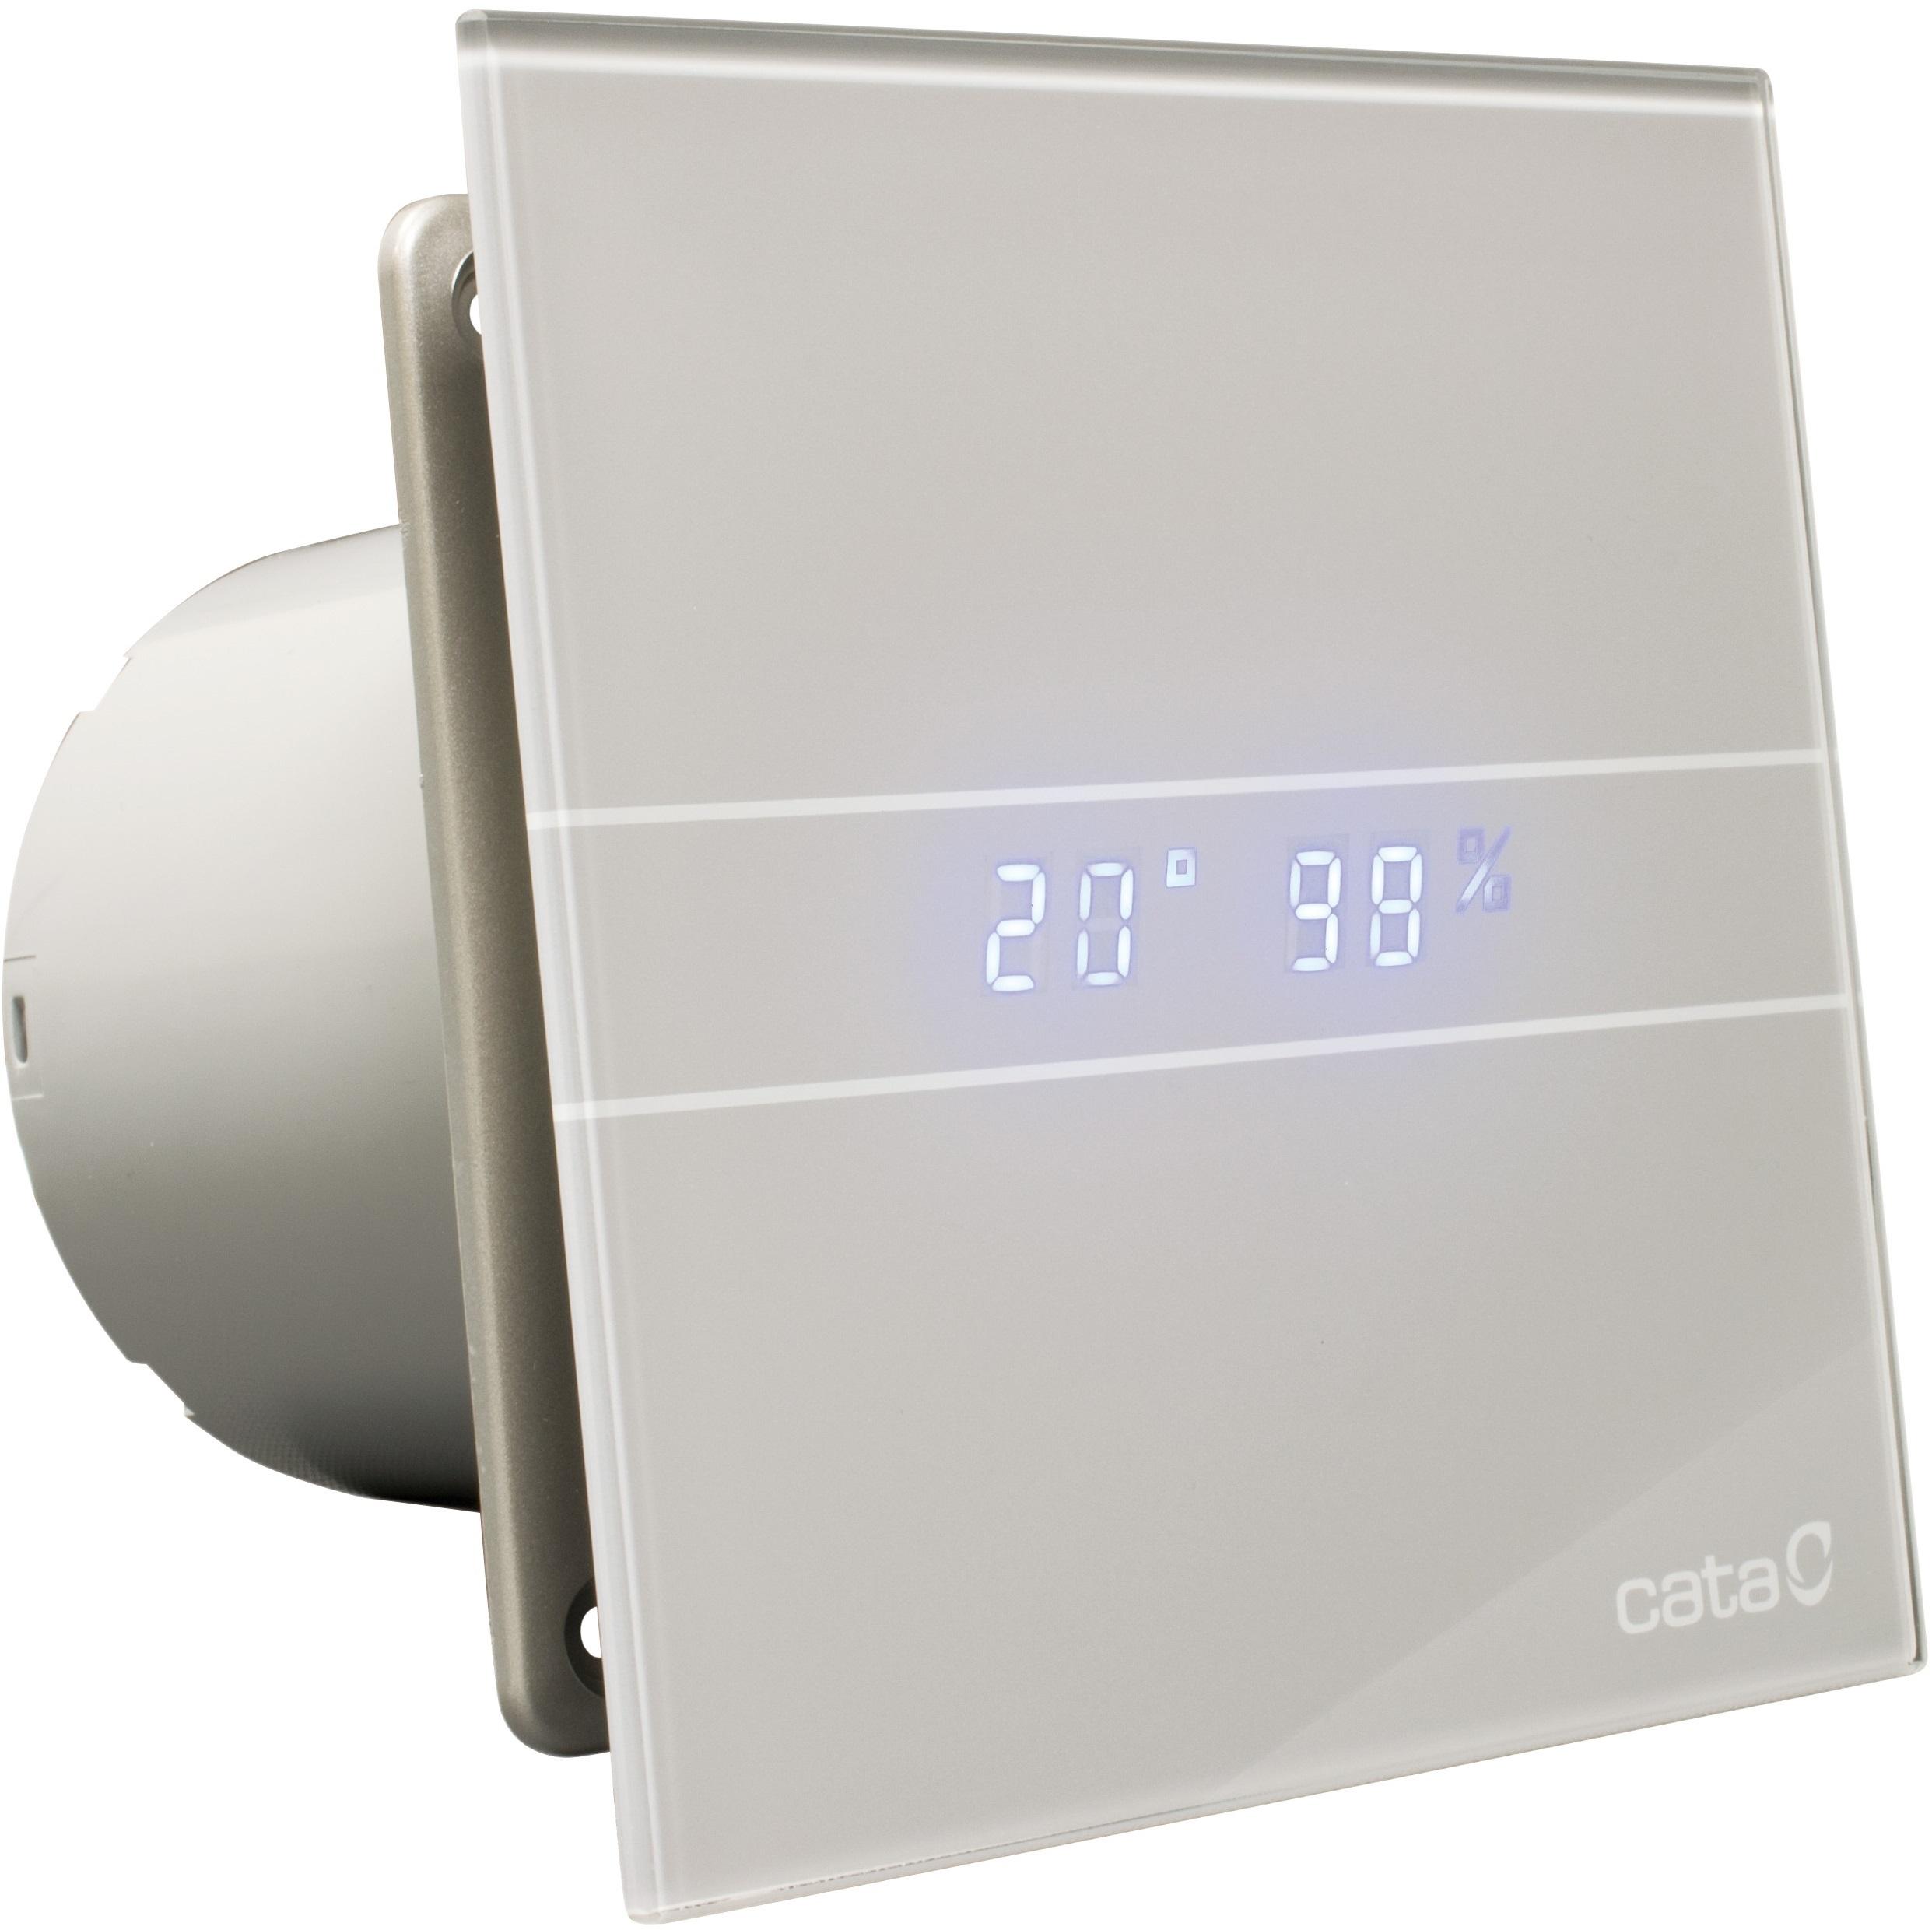 Kúpeľňový ventilátor E-100 GSTH CATA HYGRO + klapka